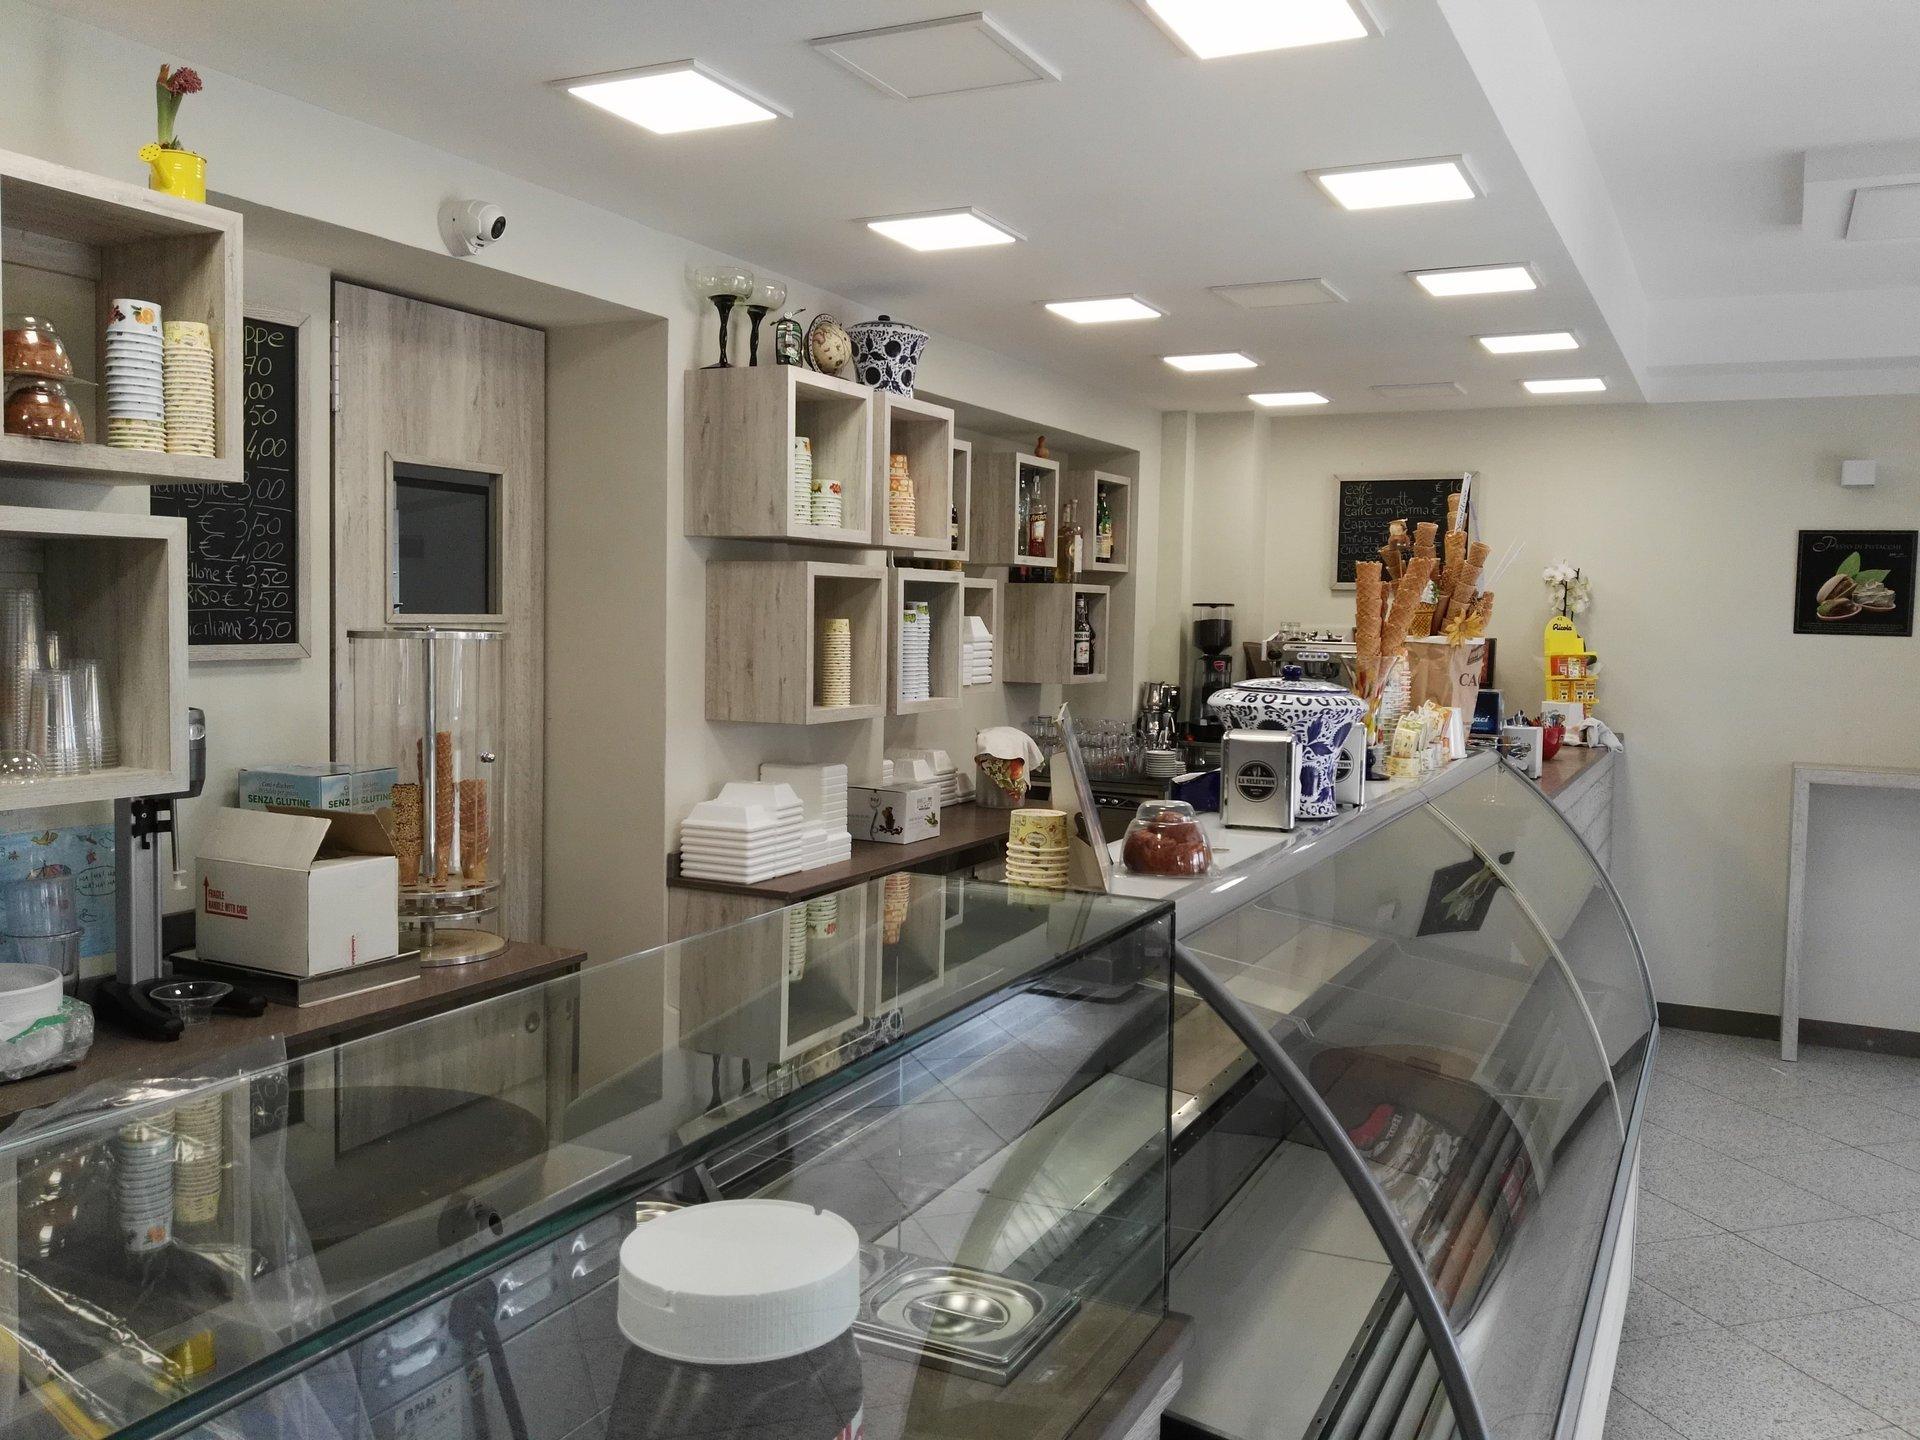 Vista interna di una gelateria con banco gelati e espositori